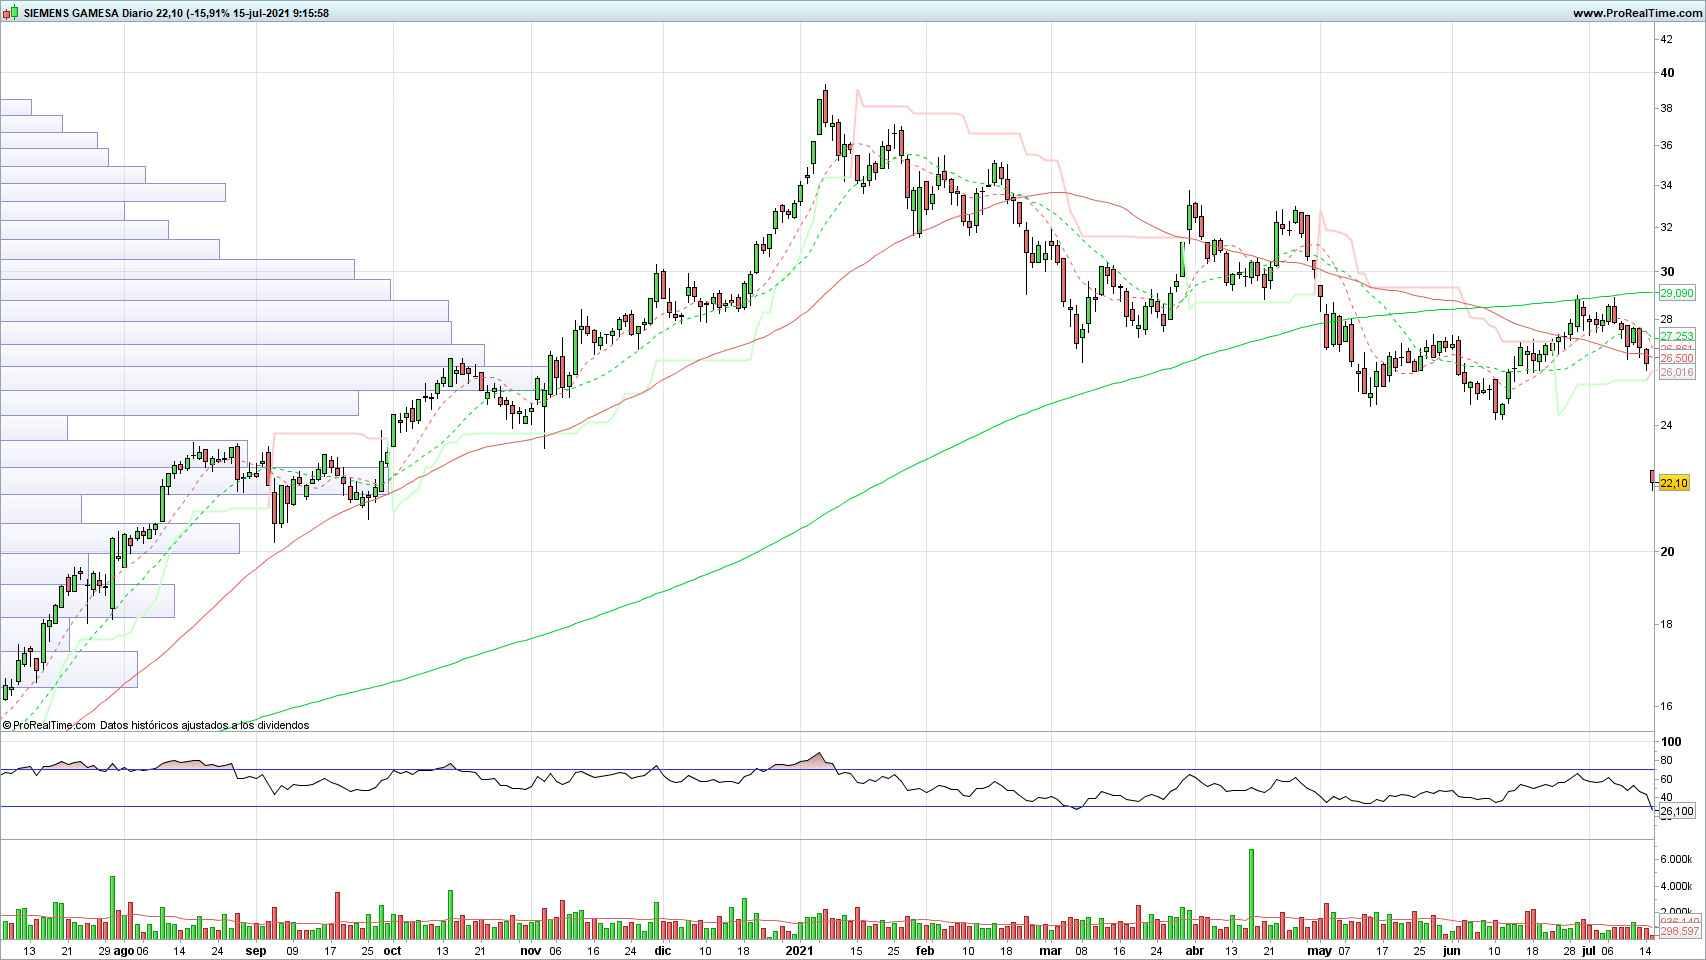 Evolución de las acciones de Siemens Gamesa